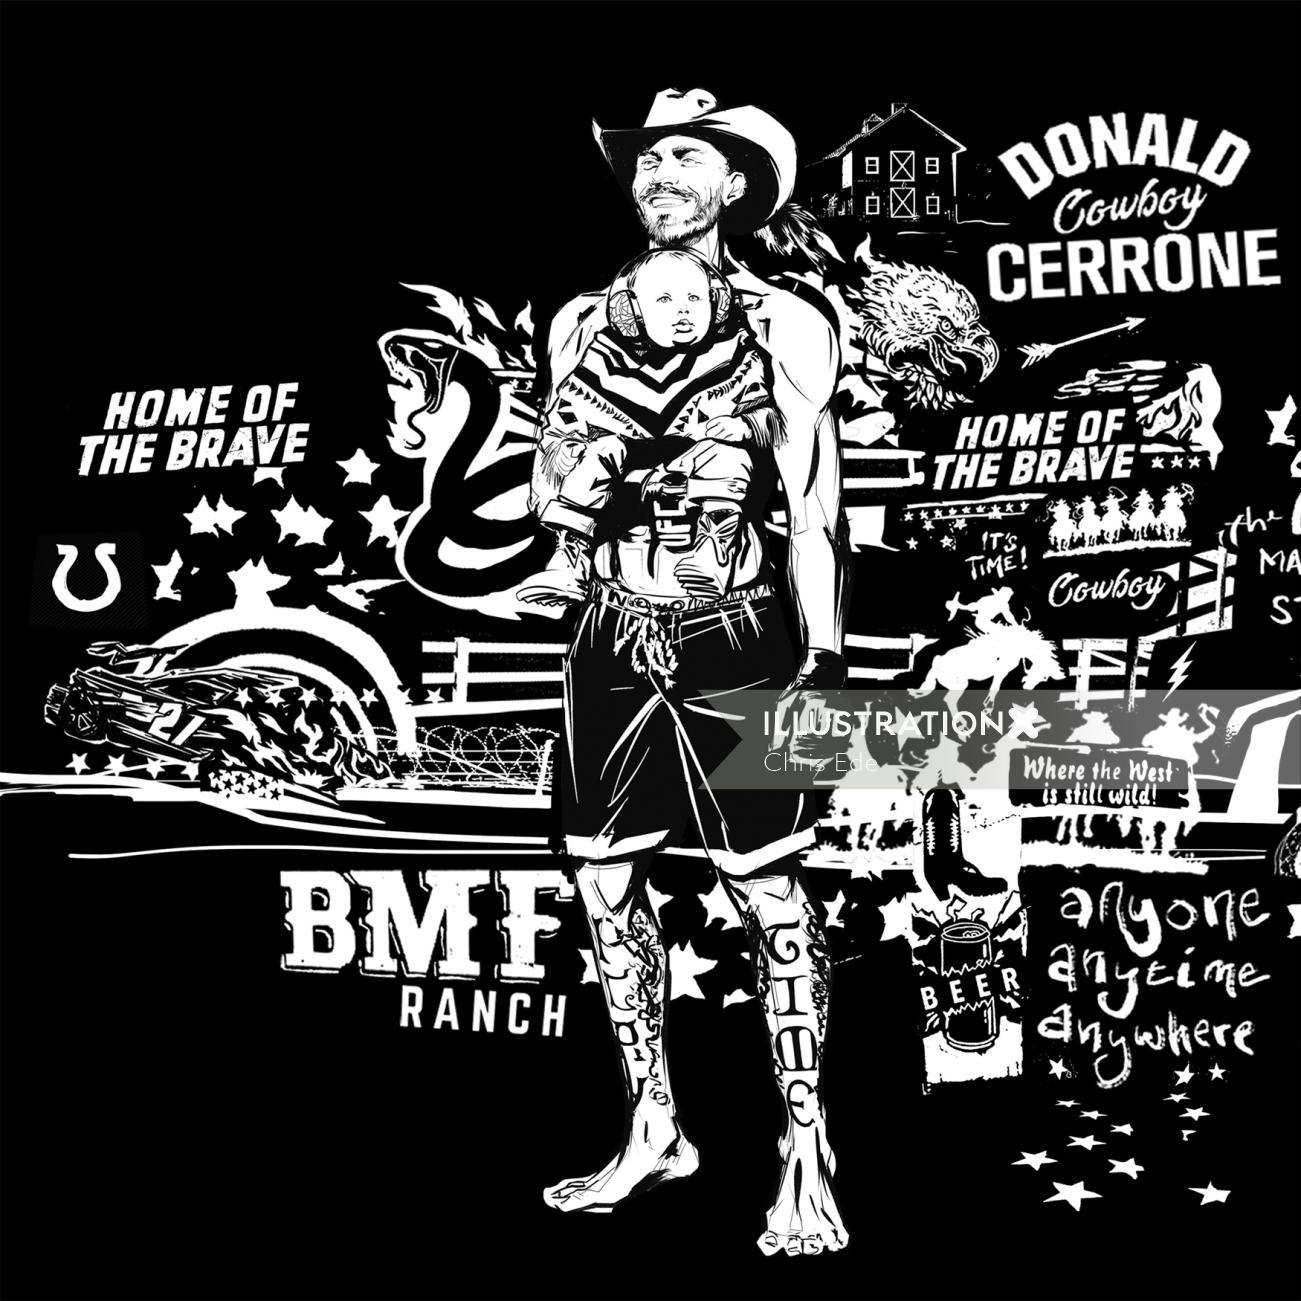 Cowboy Cerrone fan art